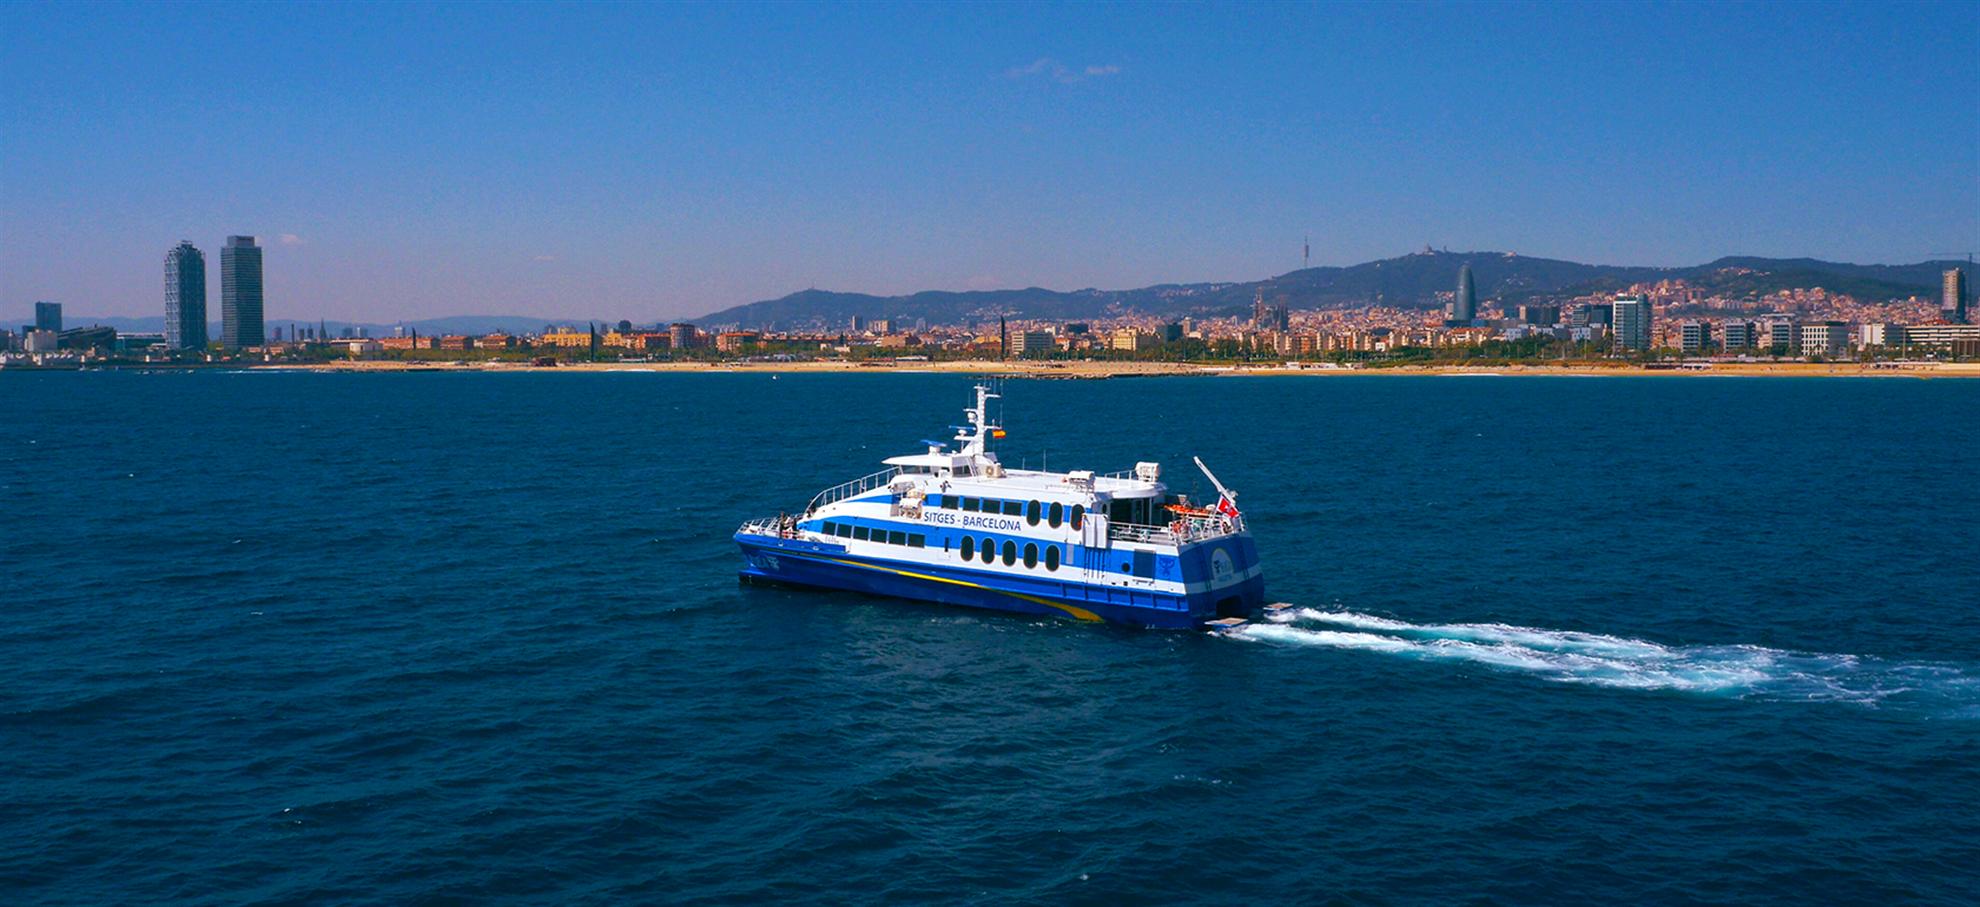 Billets Ferry de Barcelone à Sitges!